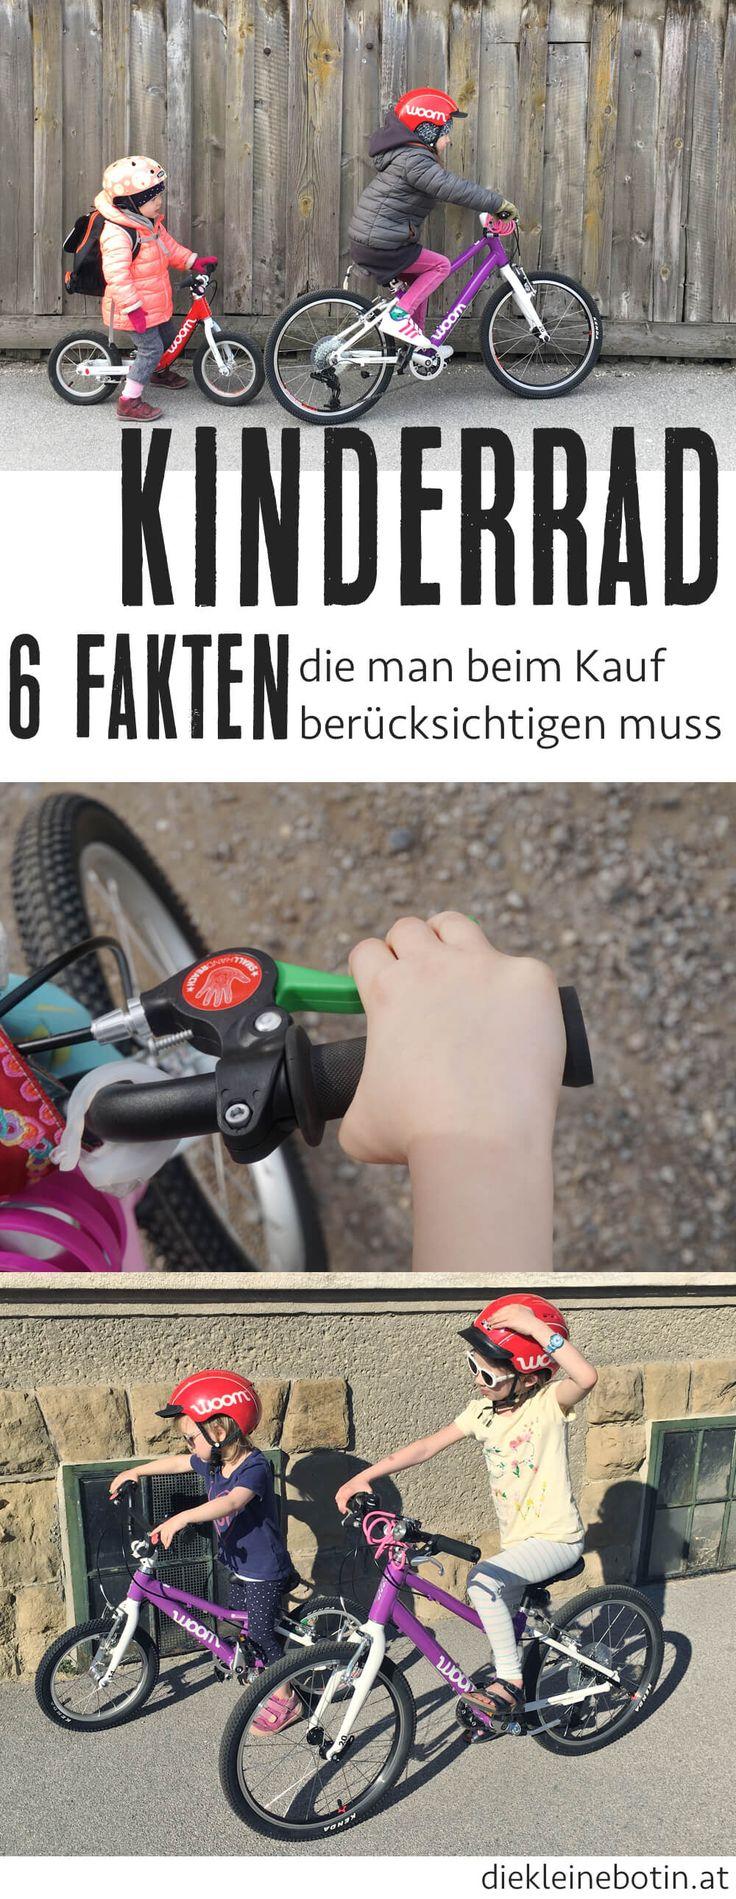 Diese 6 Fakten muss man beim Kauf eines Kinderrad berücksichtigen! Ein Kinderfahrrad muss nicht nur optisch was hermachen, auch das Gewicht und die Ergonomie spielen eine große Rolle.